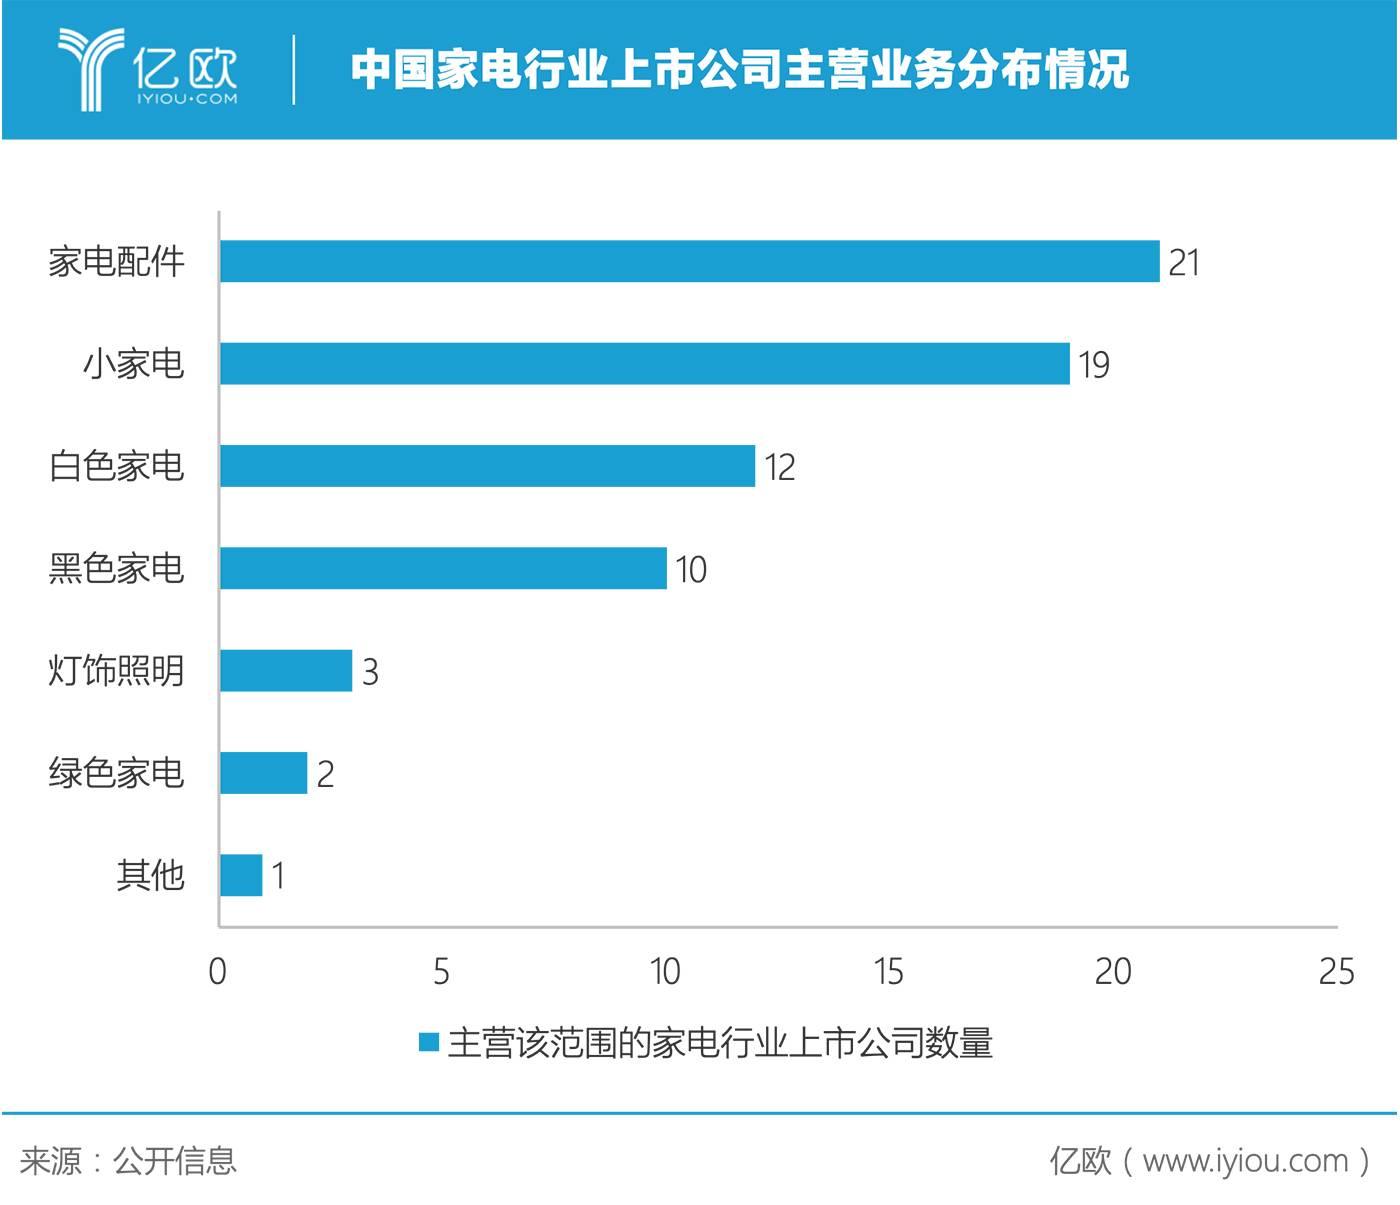 中国家电行业上市公司主营业务分布情况